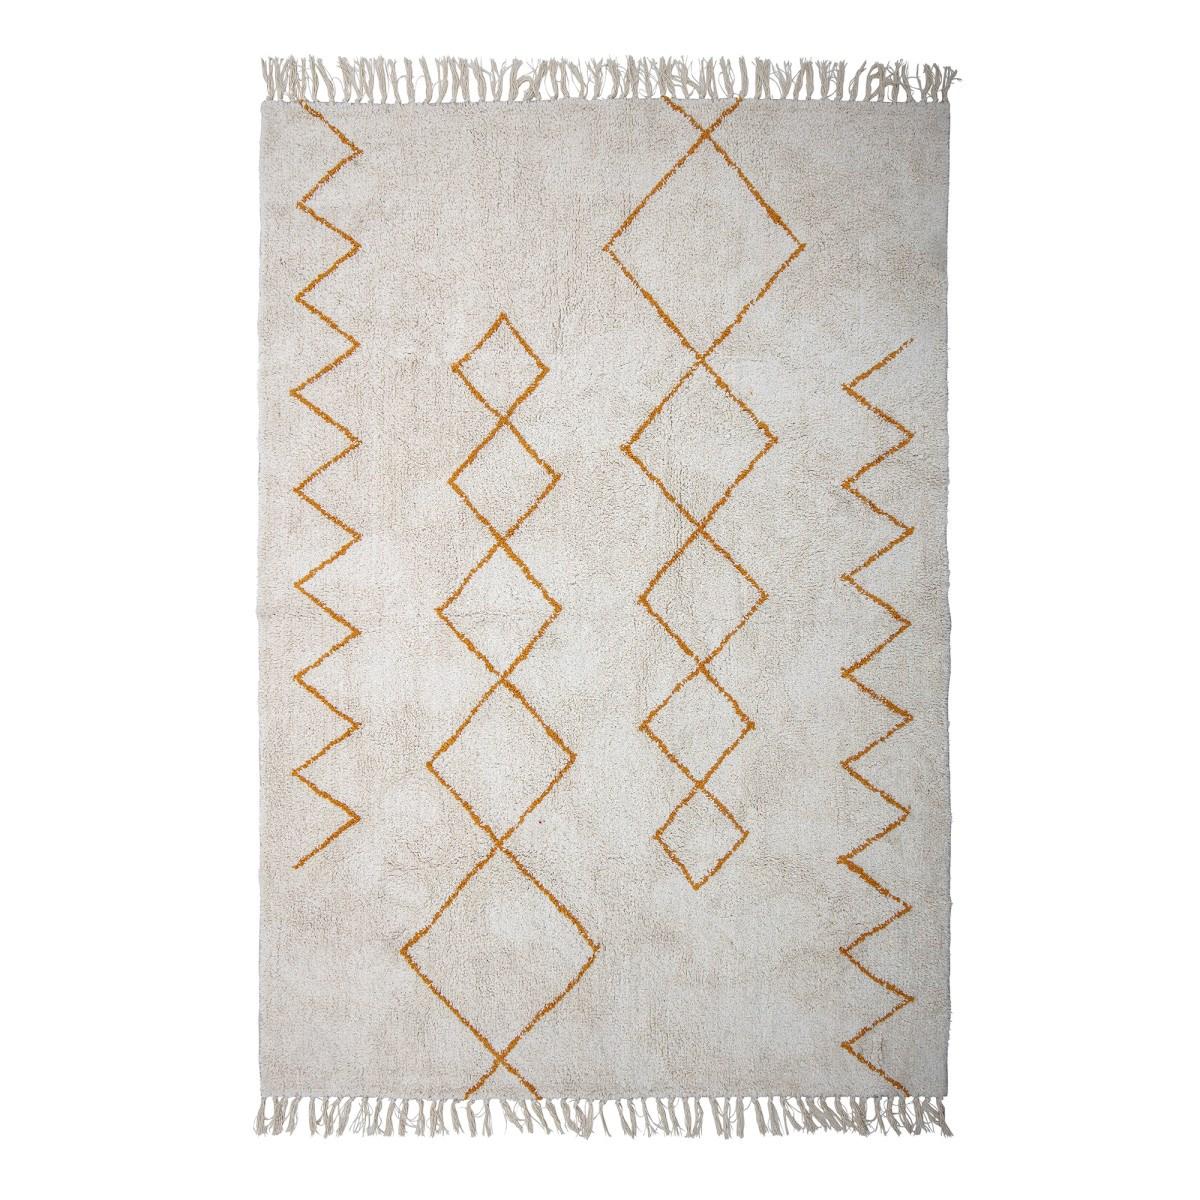 Krémový koberec se žlutým dekorem a třásněmi 200x140 cm_0